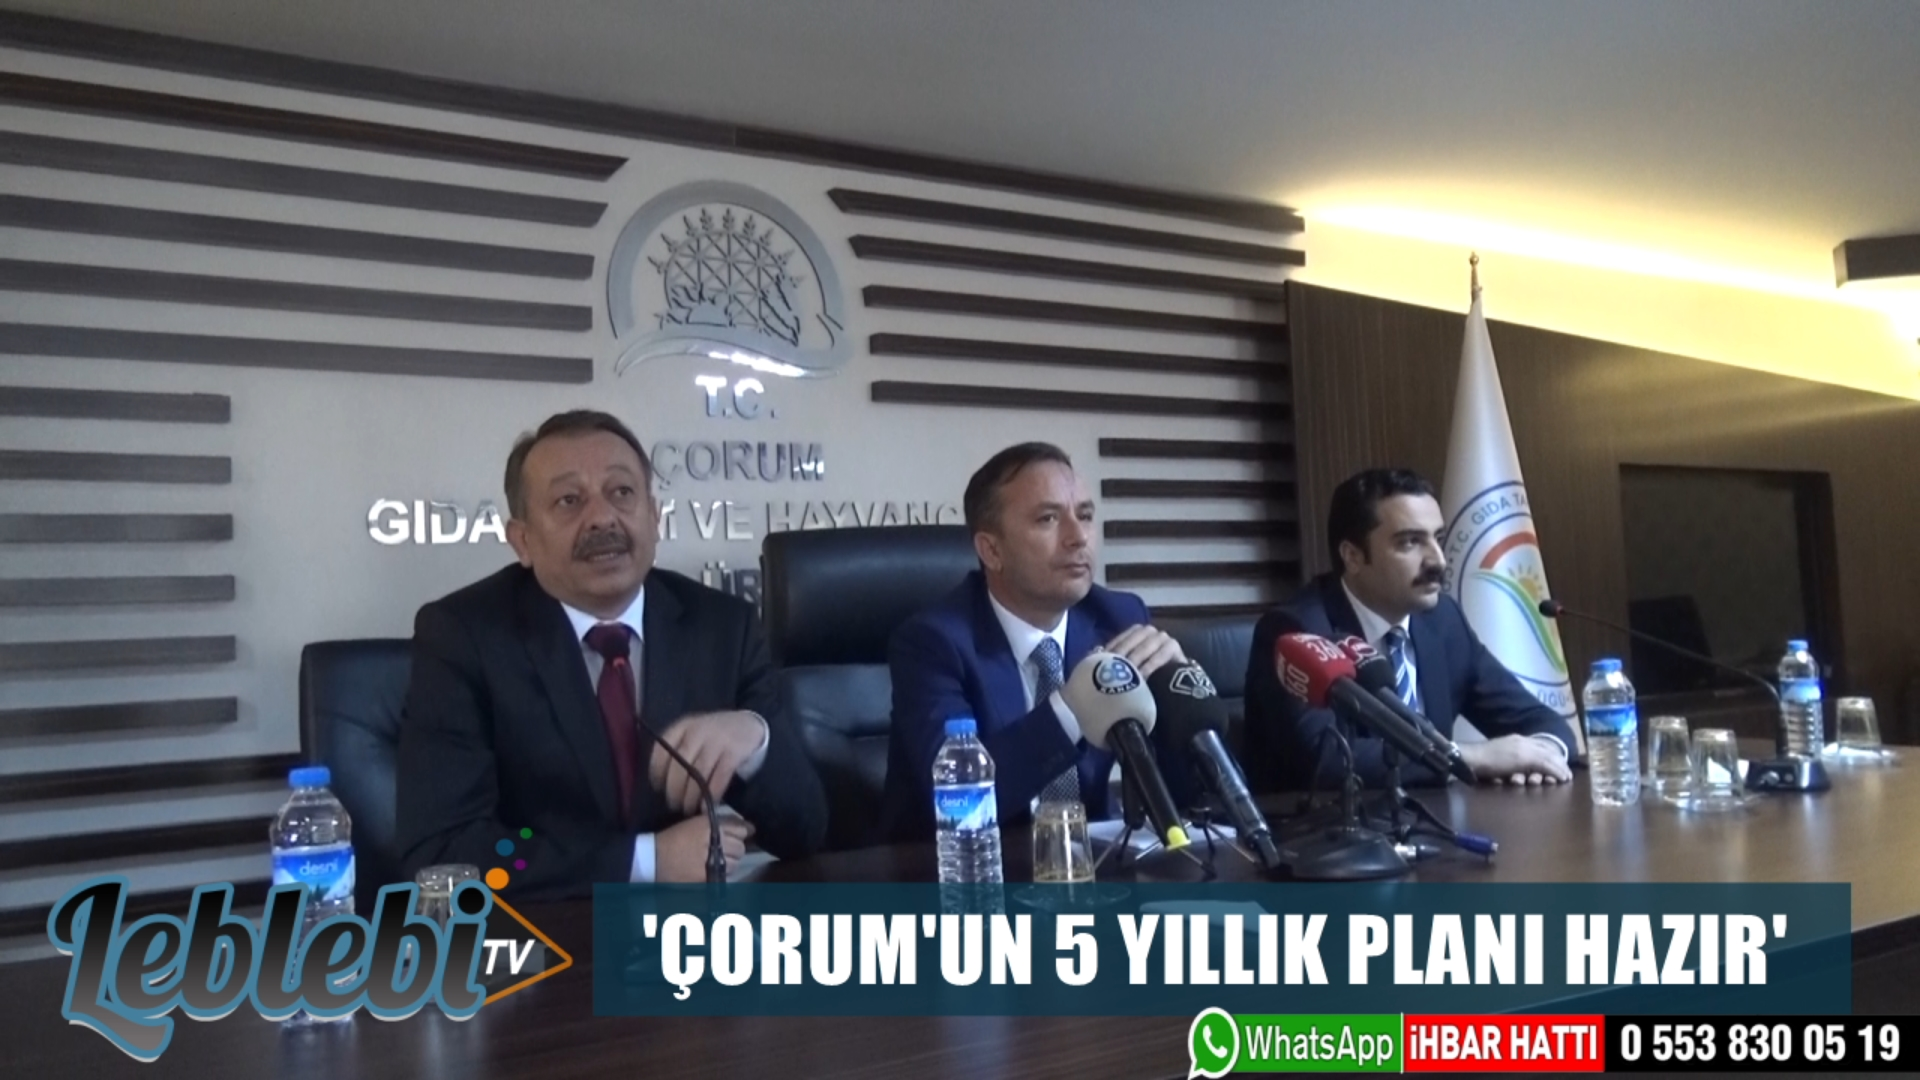 'ÇORUM'UN 5 YILLIK PLANI HAZIR'